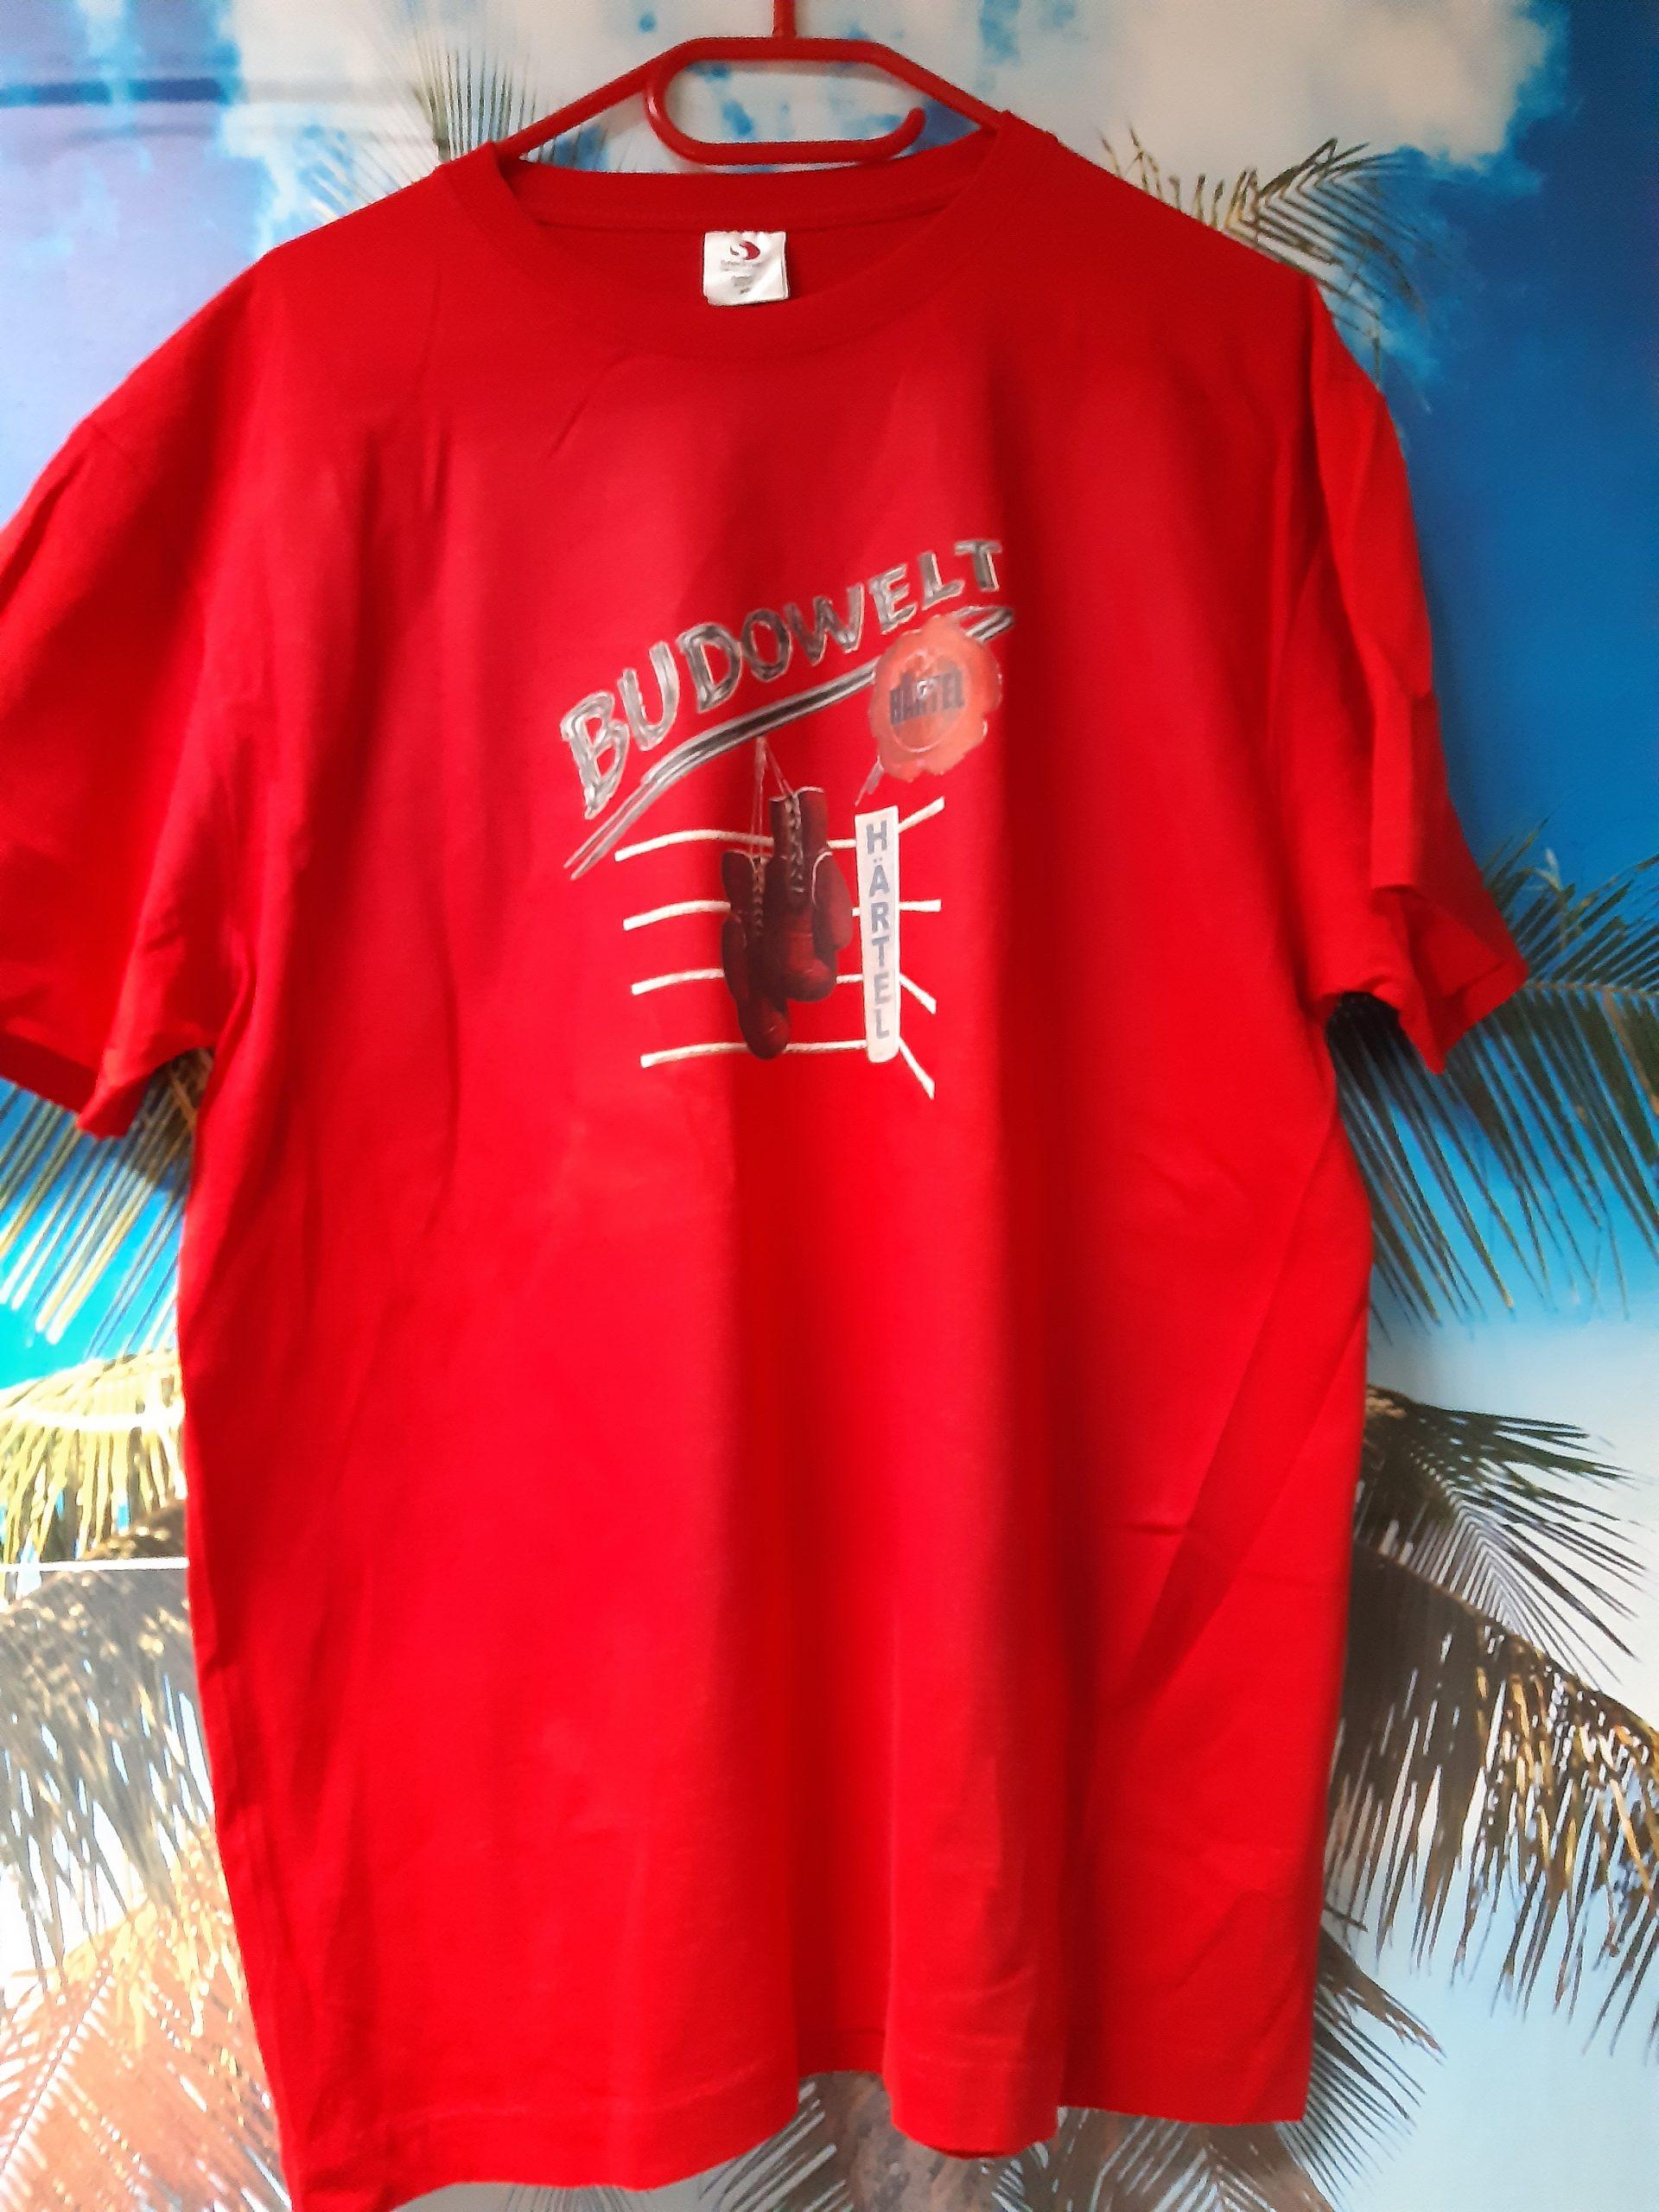 T Shirt Budowelt